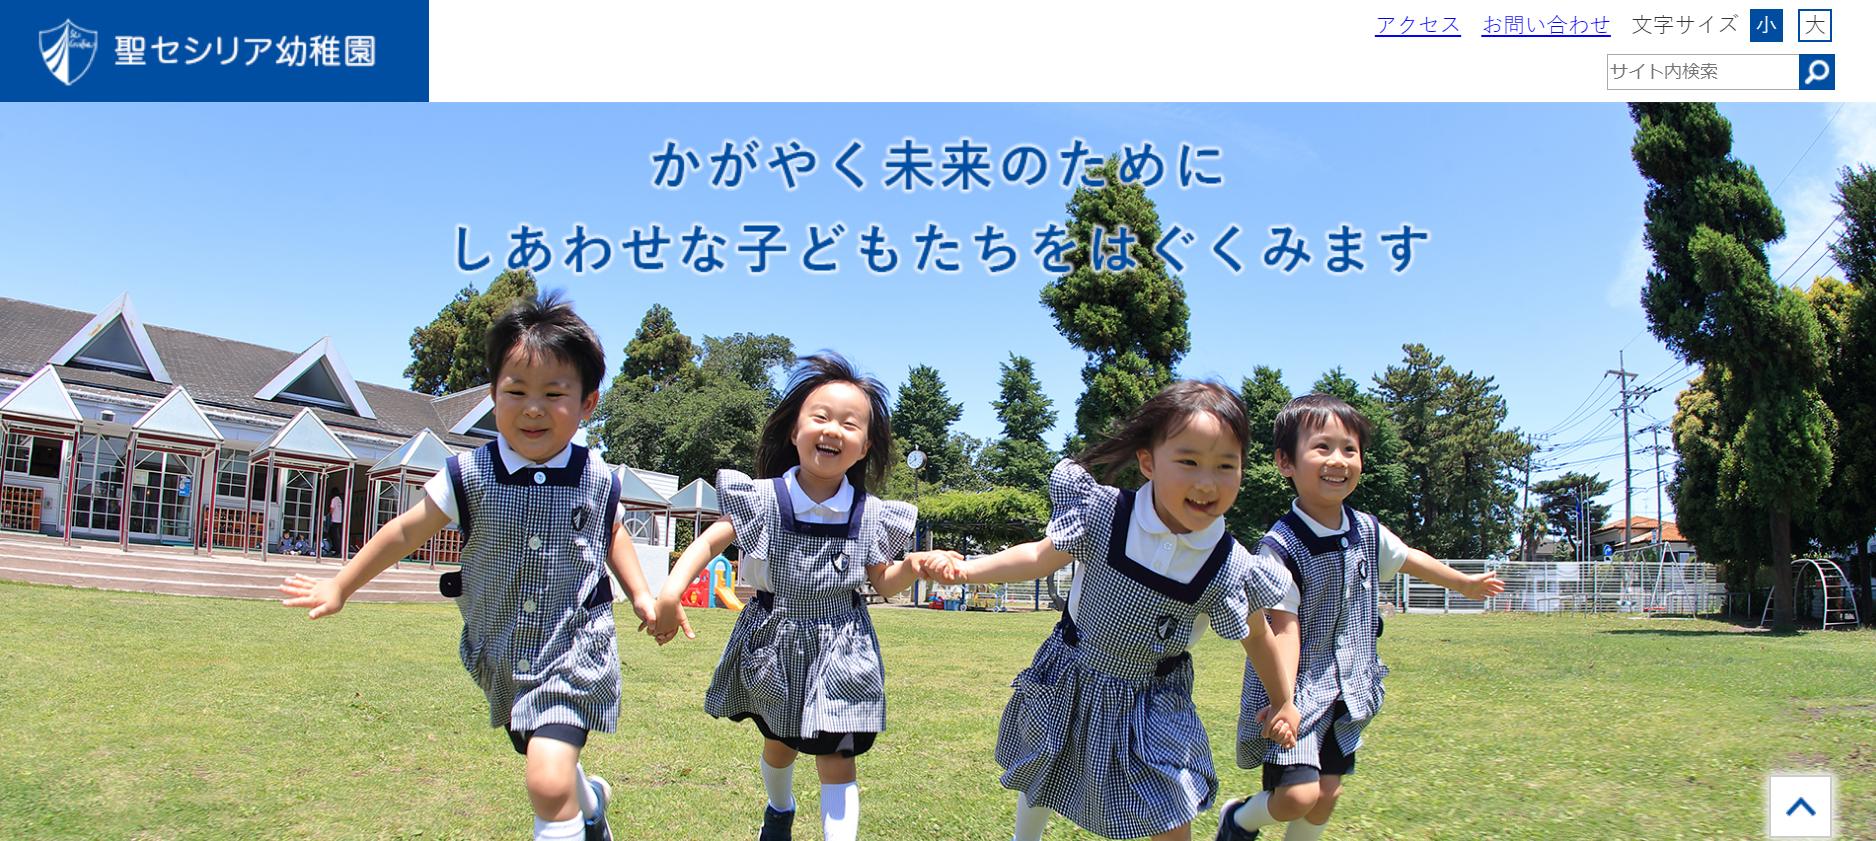 聖セシリア幼稚園